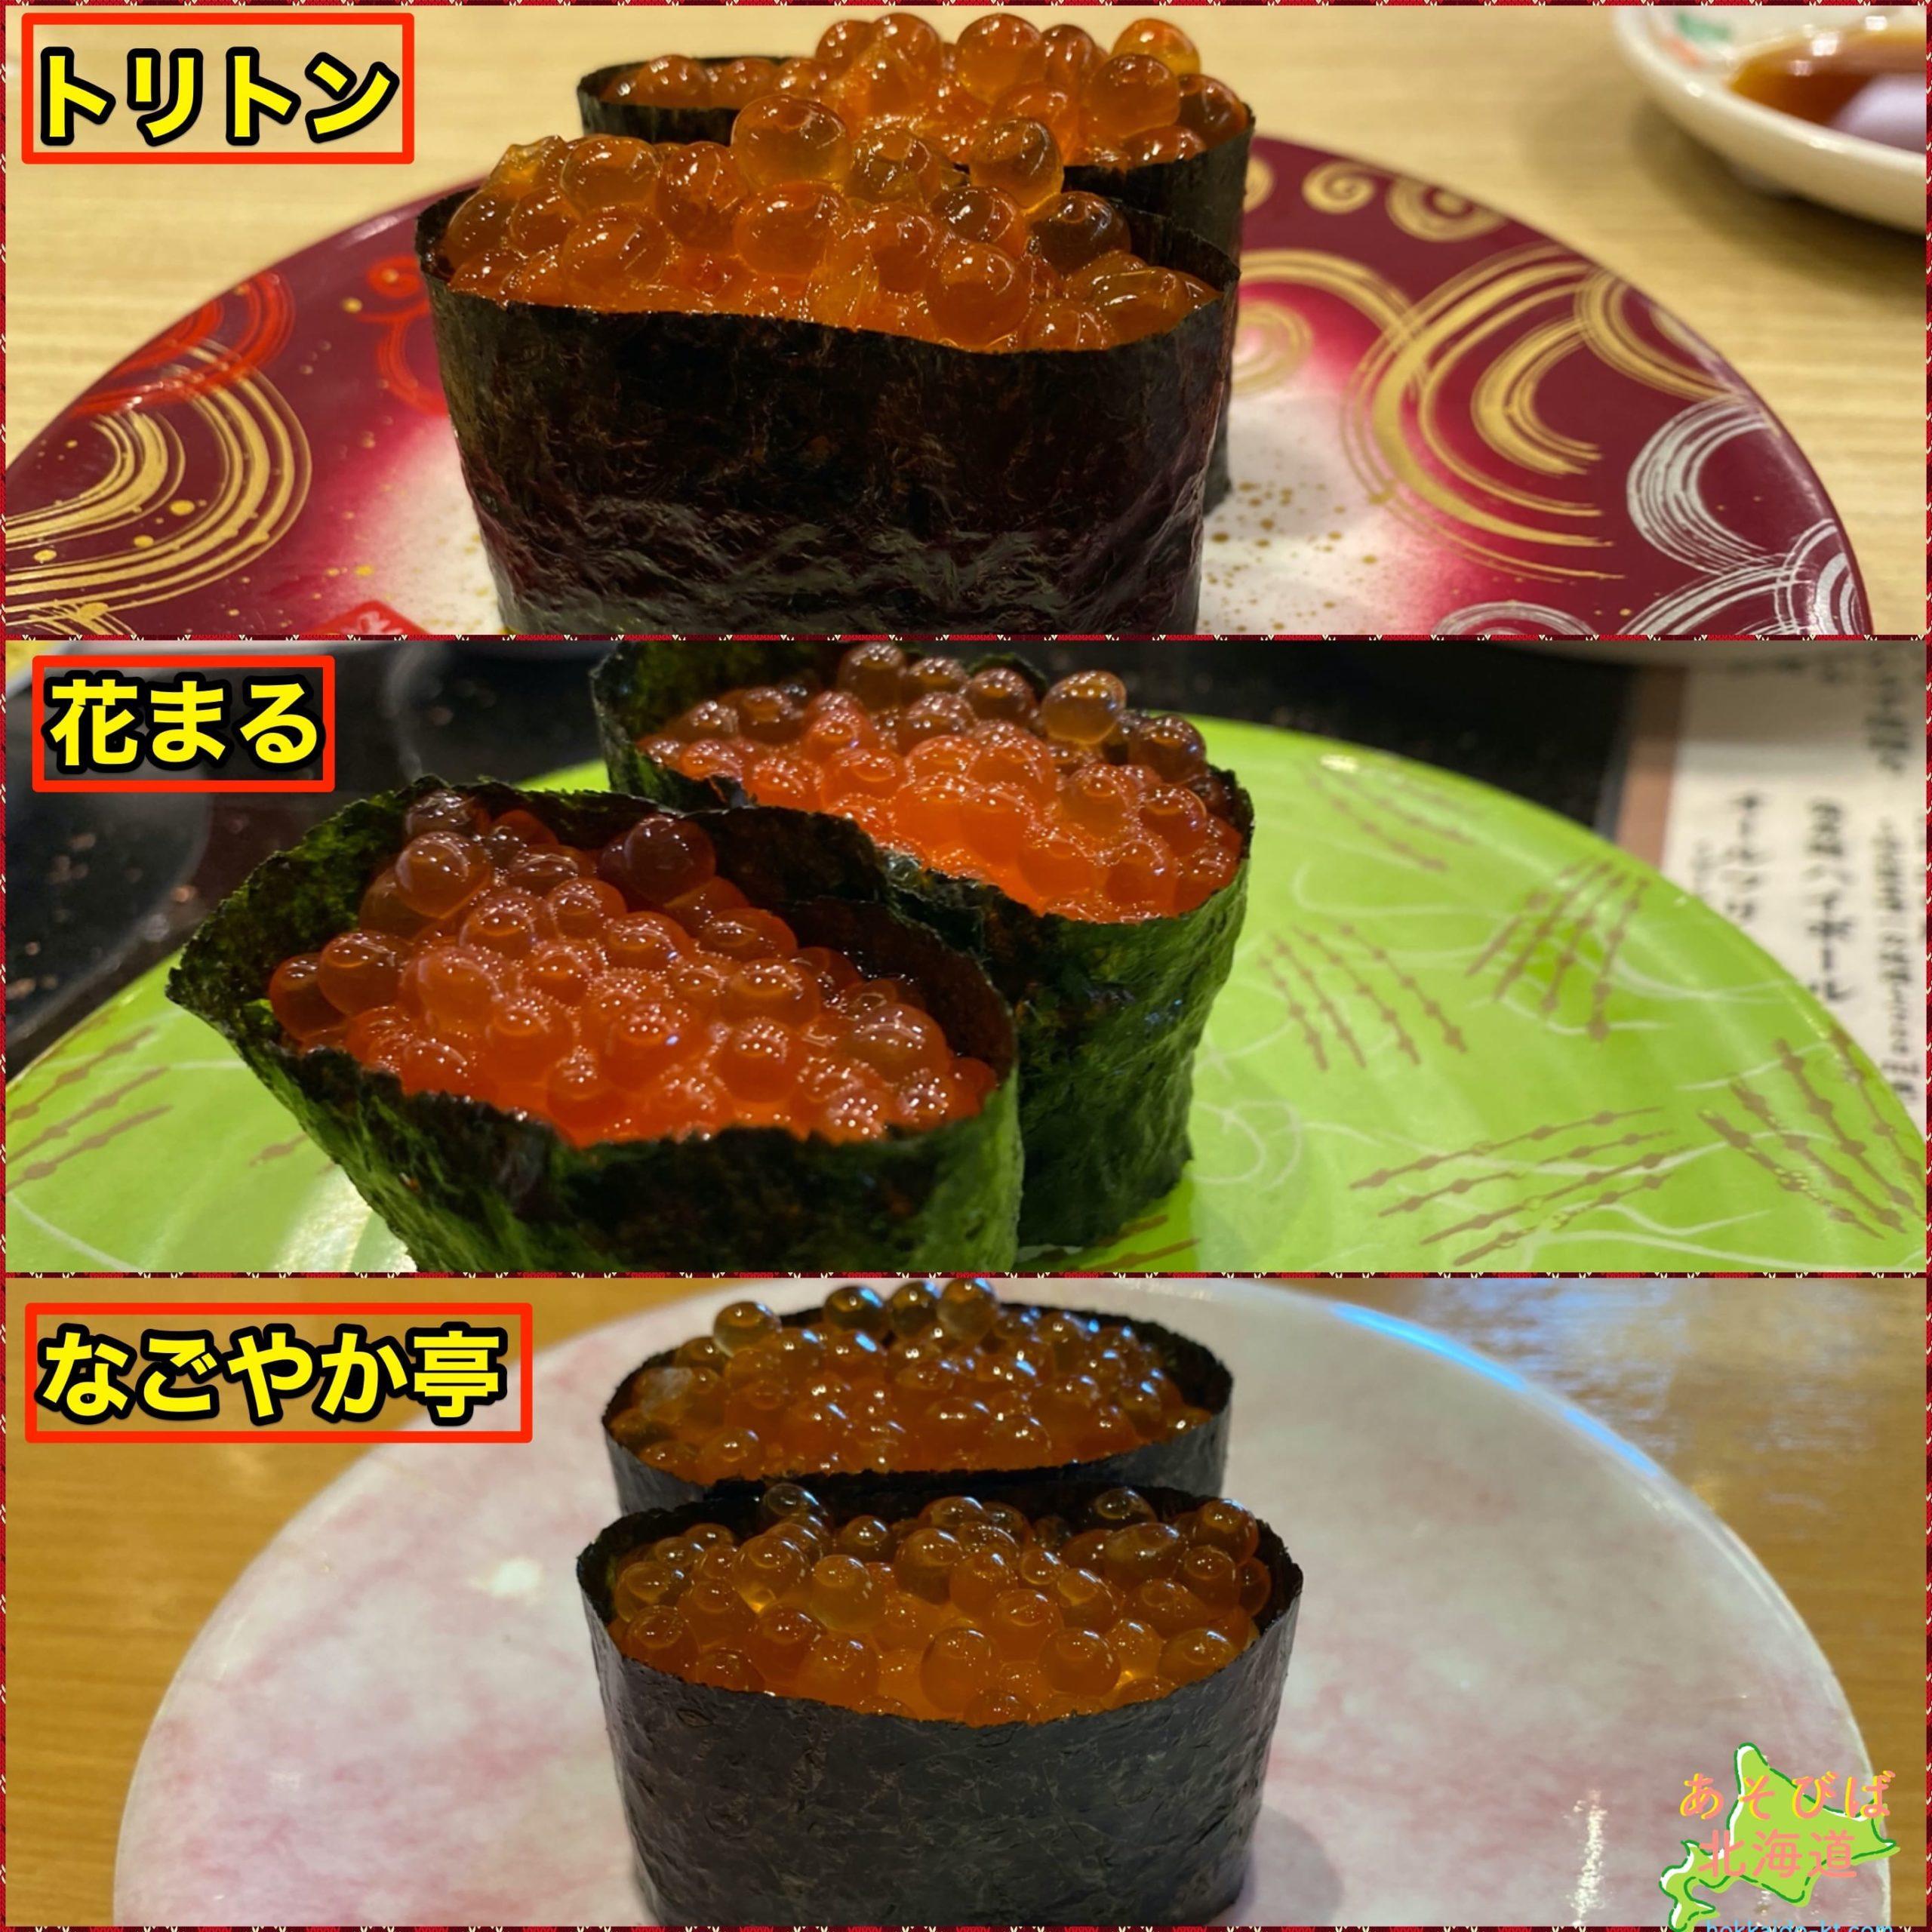 札幌の回転寿司いくら比較